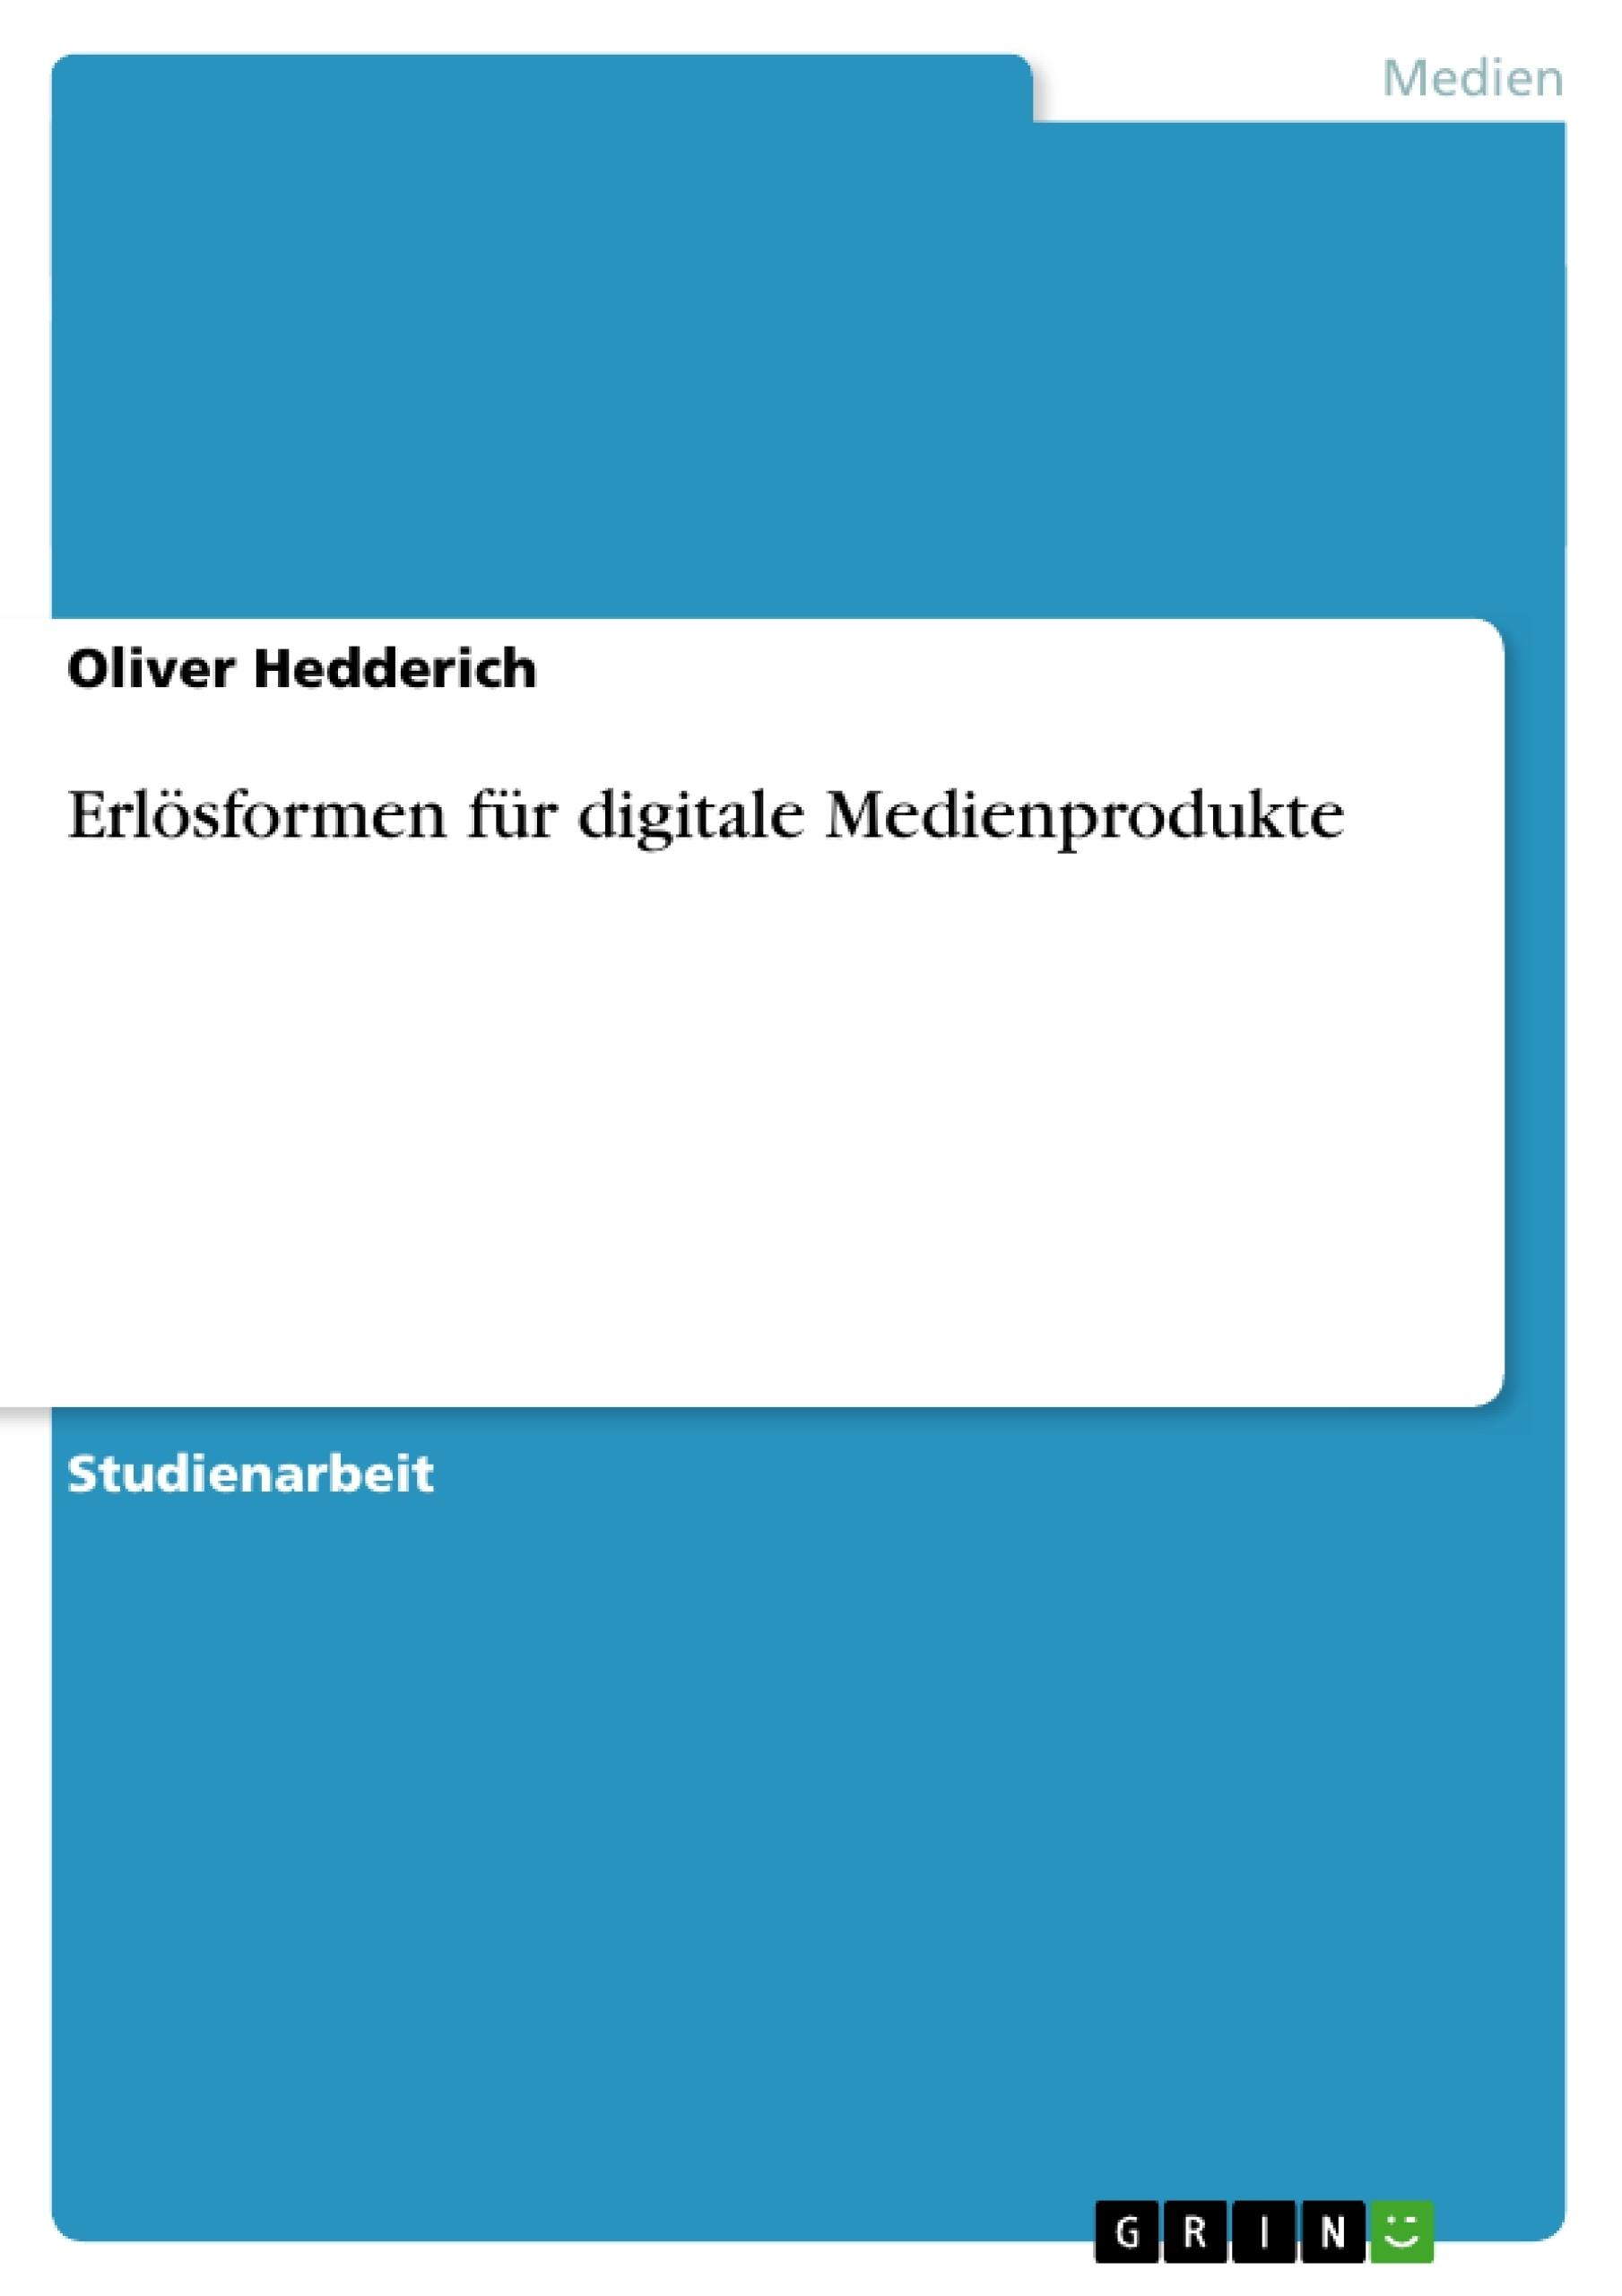 Titel: Erlösformen für digitale Medienprodukte